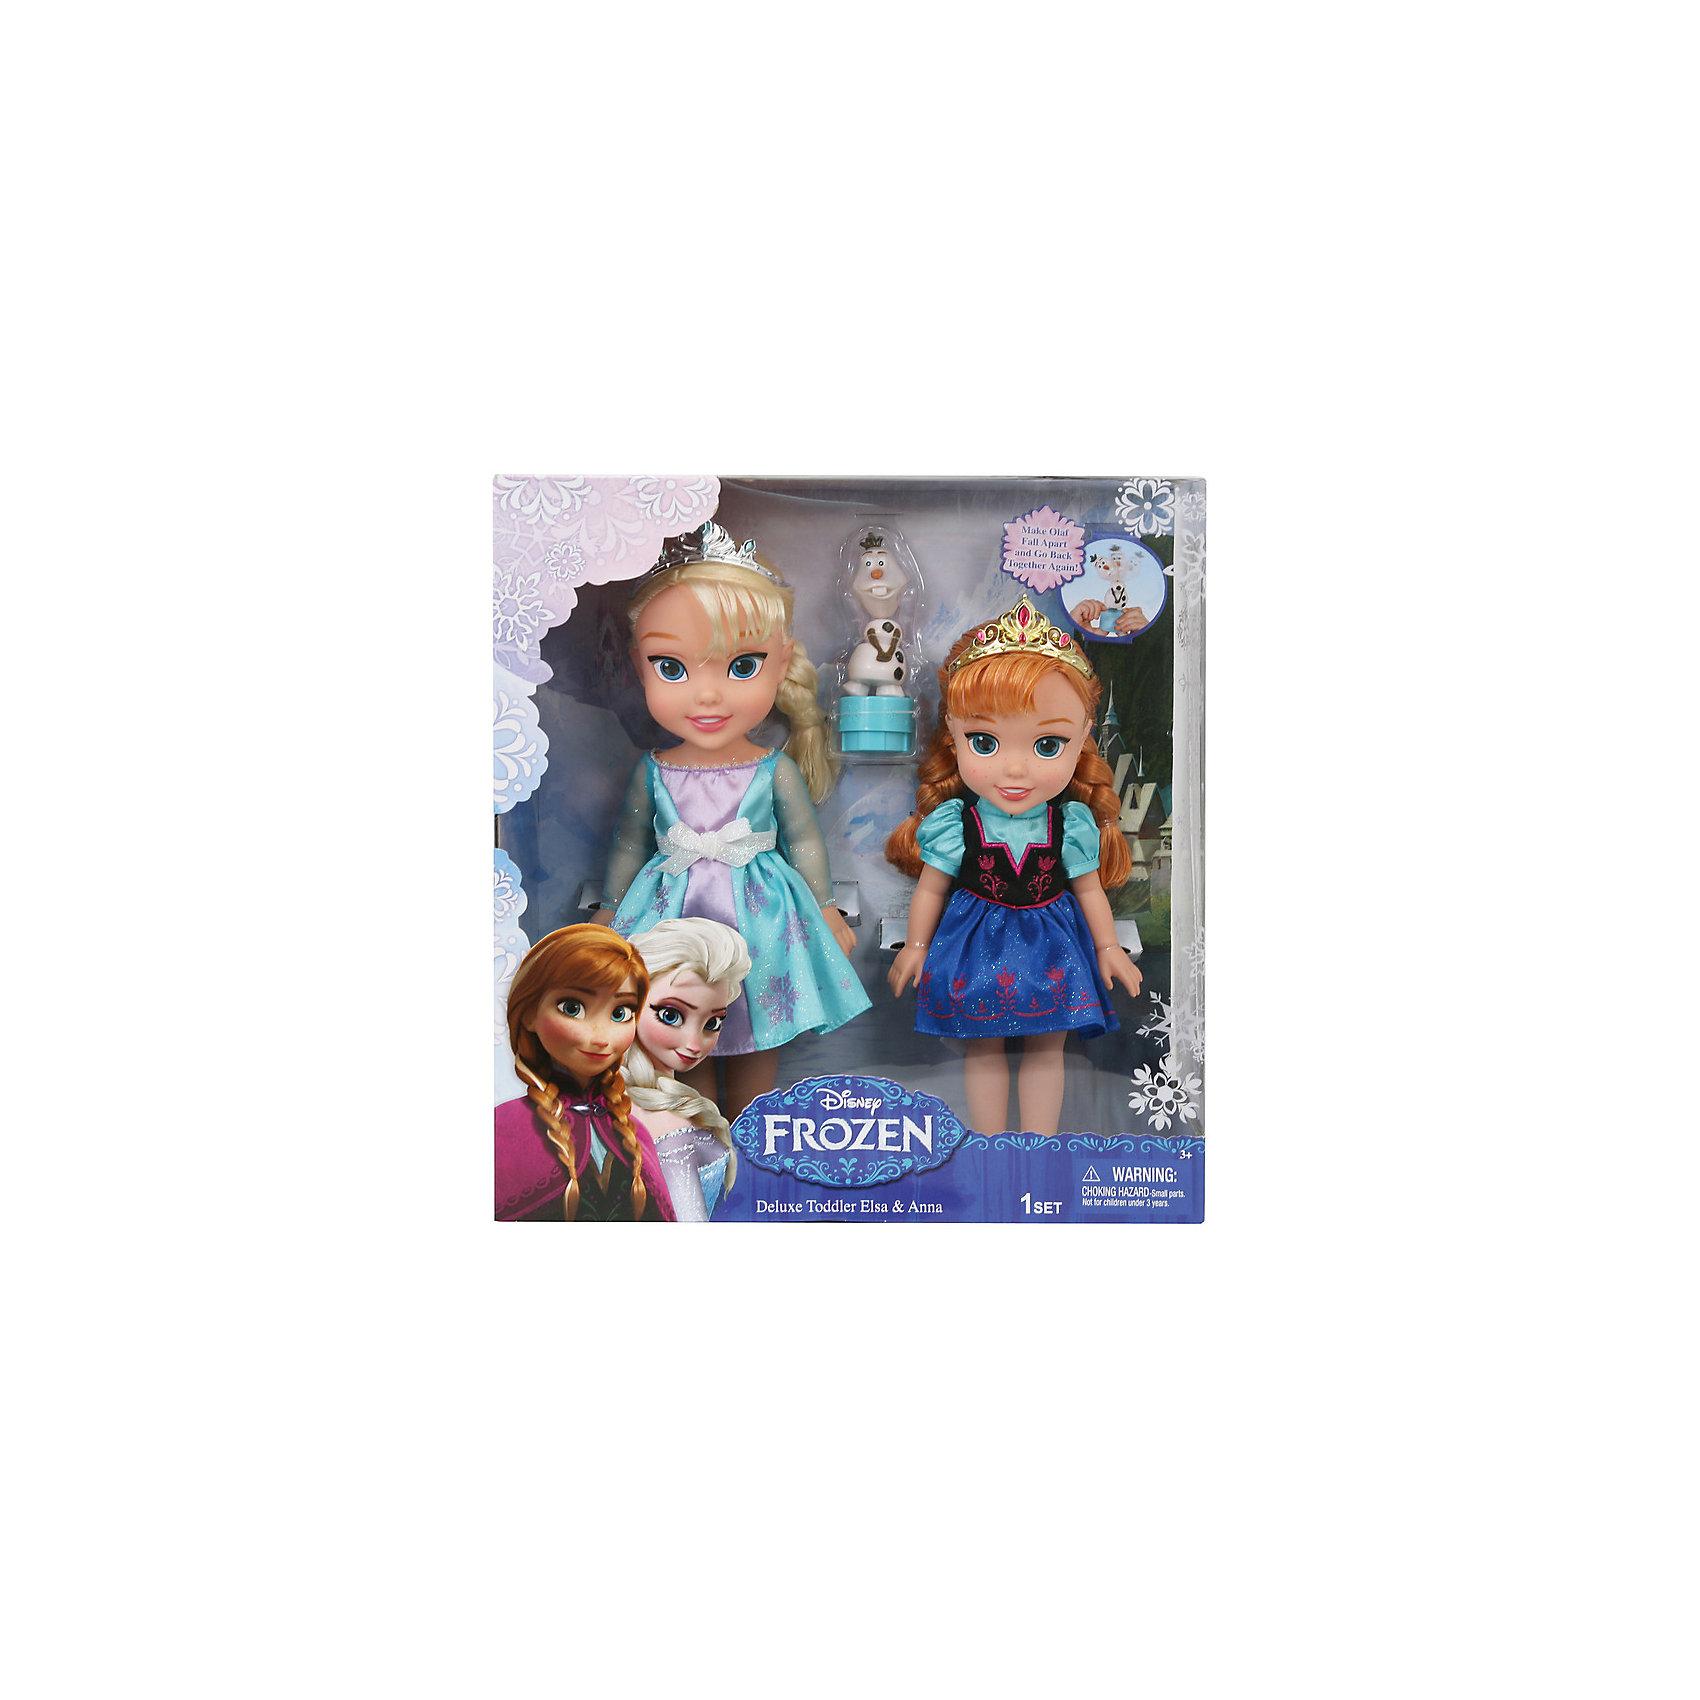 Игровой набор 2 куклы и Олаф, Холодное СердцеПопулярные игрушки<br>Характеристики товара:<br><br>- цвет: разноцветный;<br>- материал: текстиль, пластик;<br>- размер кукол: 30, 35 см;<br>- вес: 1400 г.<br><br>Играть с фигурками из любимого мультфильма - вдвойне интереснее! Фигурки героев мультика Холодное Сердце очень красивые, они хорошо детализированы. Каждая фигурка отлично выполнена, похожа на героя мультика, поэтому игровой набор с ними станет желанным подарком для ребенка. В комплекте - принцессы Эльза и Анна с подвижными конечностями и волосами, которые можно расчесывать. Также в наборе - фигурка Олафа, который забавно качает головой. Такой набор отлично тренирует у ребенка разные навыки: играя с фигурками, ребенок развивает мелкую моторику, цветовосприятие, внимание, воображение и творческое мышление. <br>Изделие произведено из качественных проверенных материалов, безопасных для малышей.<br><br>Игровой набор 2 куклы и Олаф, Холодное Сердце, можно купить в нашем интернет-магазине.<br><br>Ширина мм: 355<br>Глубина мм: 385<br>Высота мм: 130<br>Вес г: 1333<br>Возраст от месяцев: 36<br>Возраст до месяцев: 2147483647<br>Пол: Женский<br>Возраст: Детский<br>SKU: 5124483